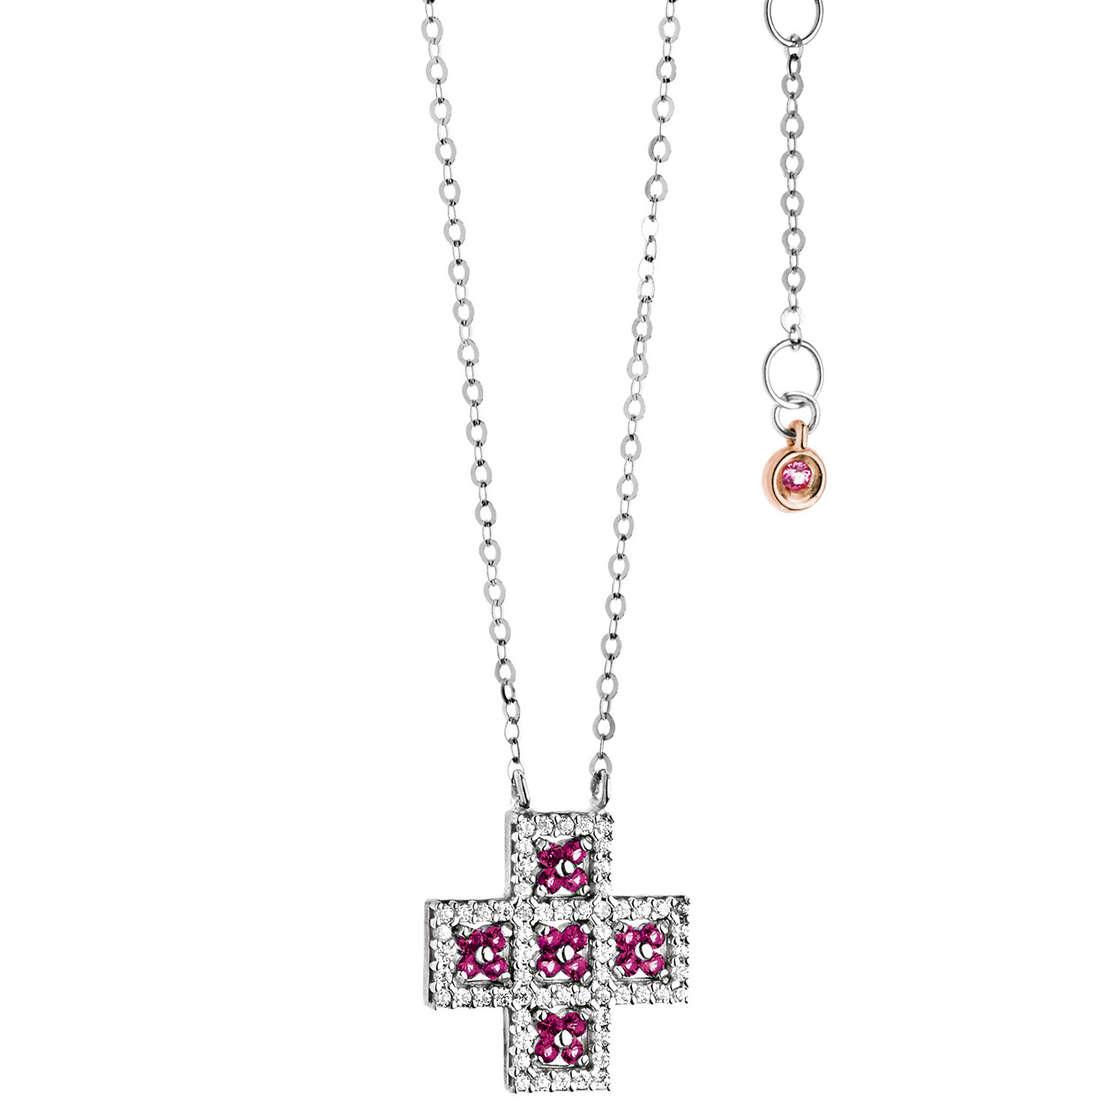 collana donna gioielli Comete Pietre preziose colorate GLB 966